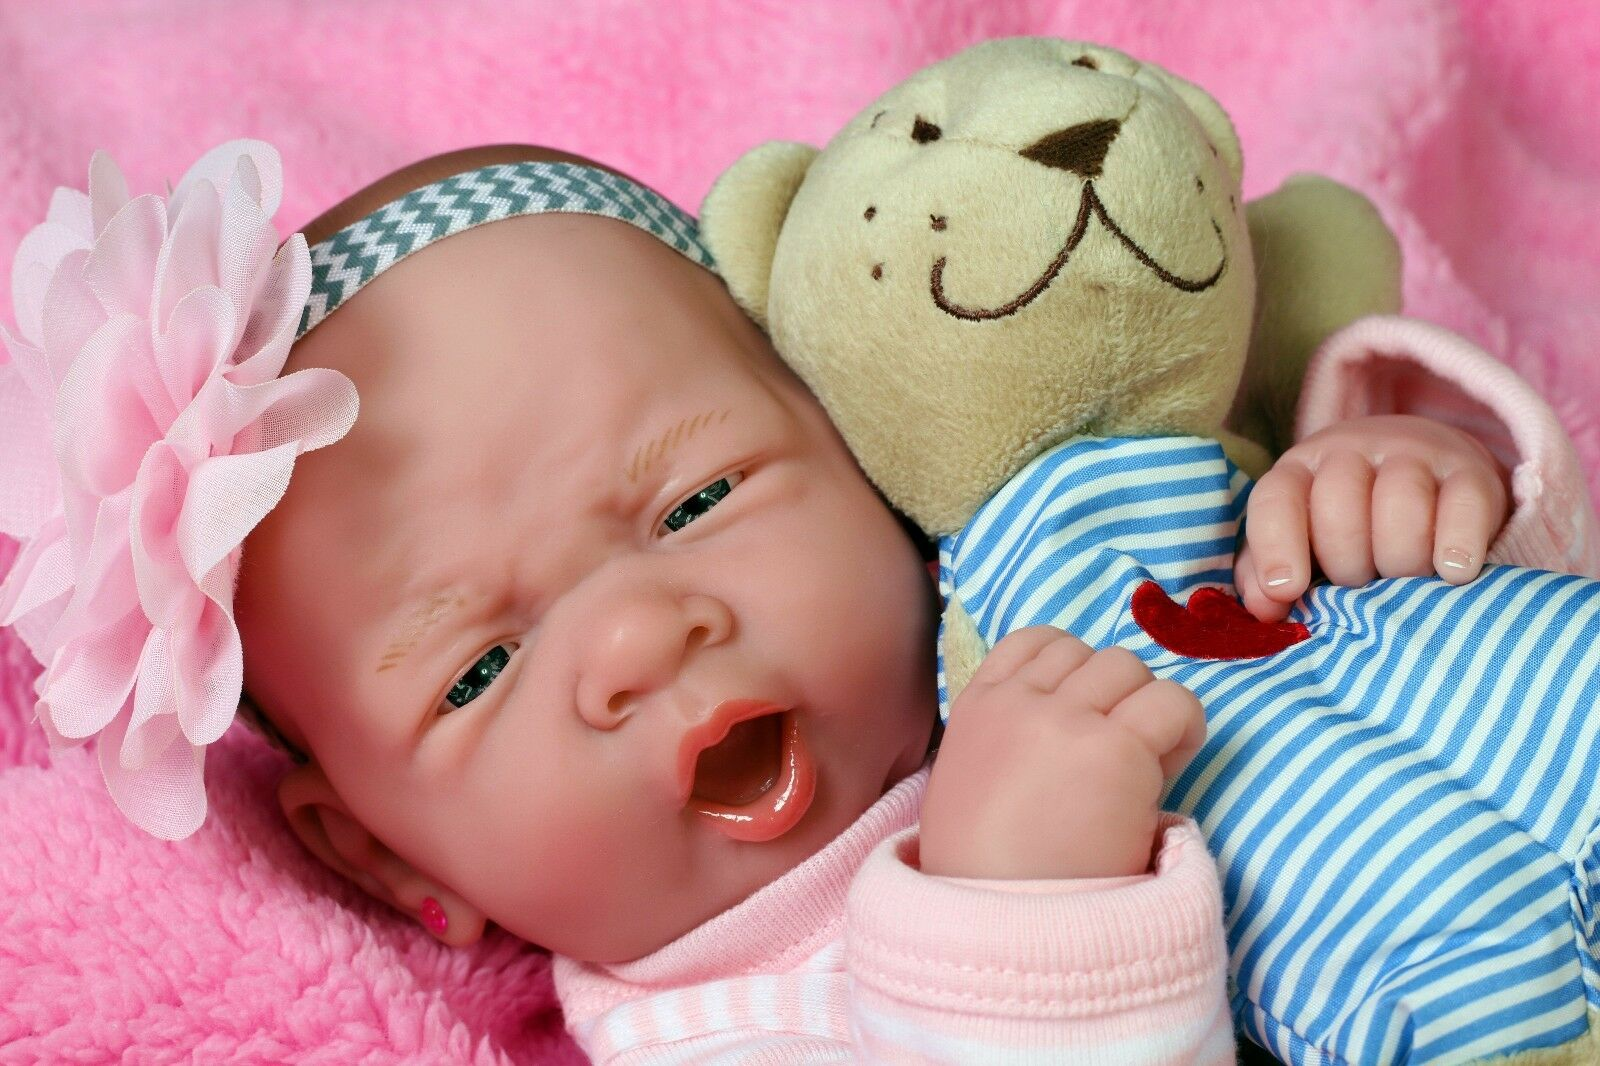 Baby Girl Doll Real Reborn Berenguer 15  Vinilo realista Regalo Juguete vivo recién nacido